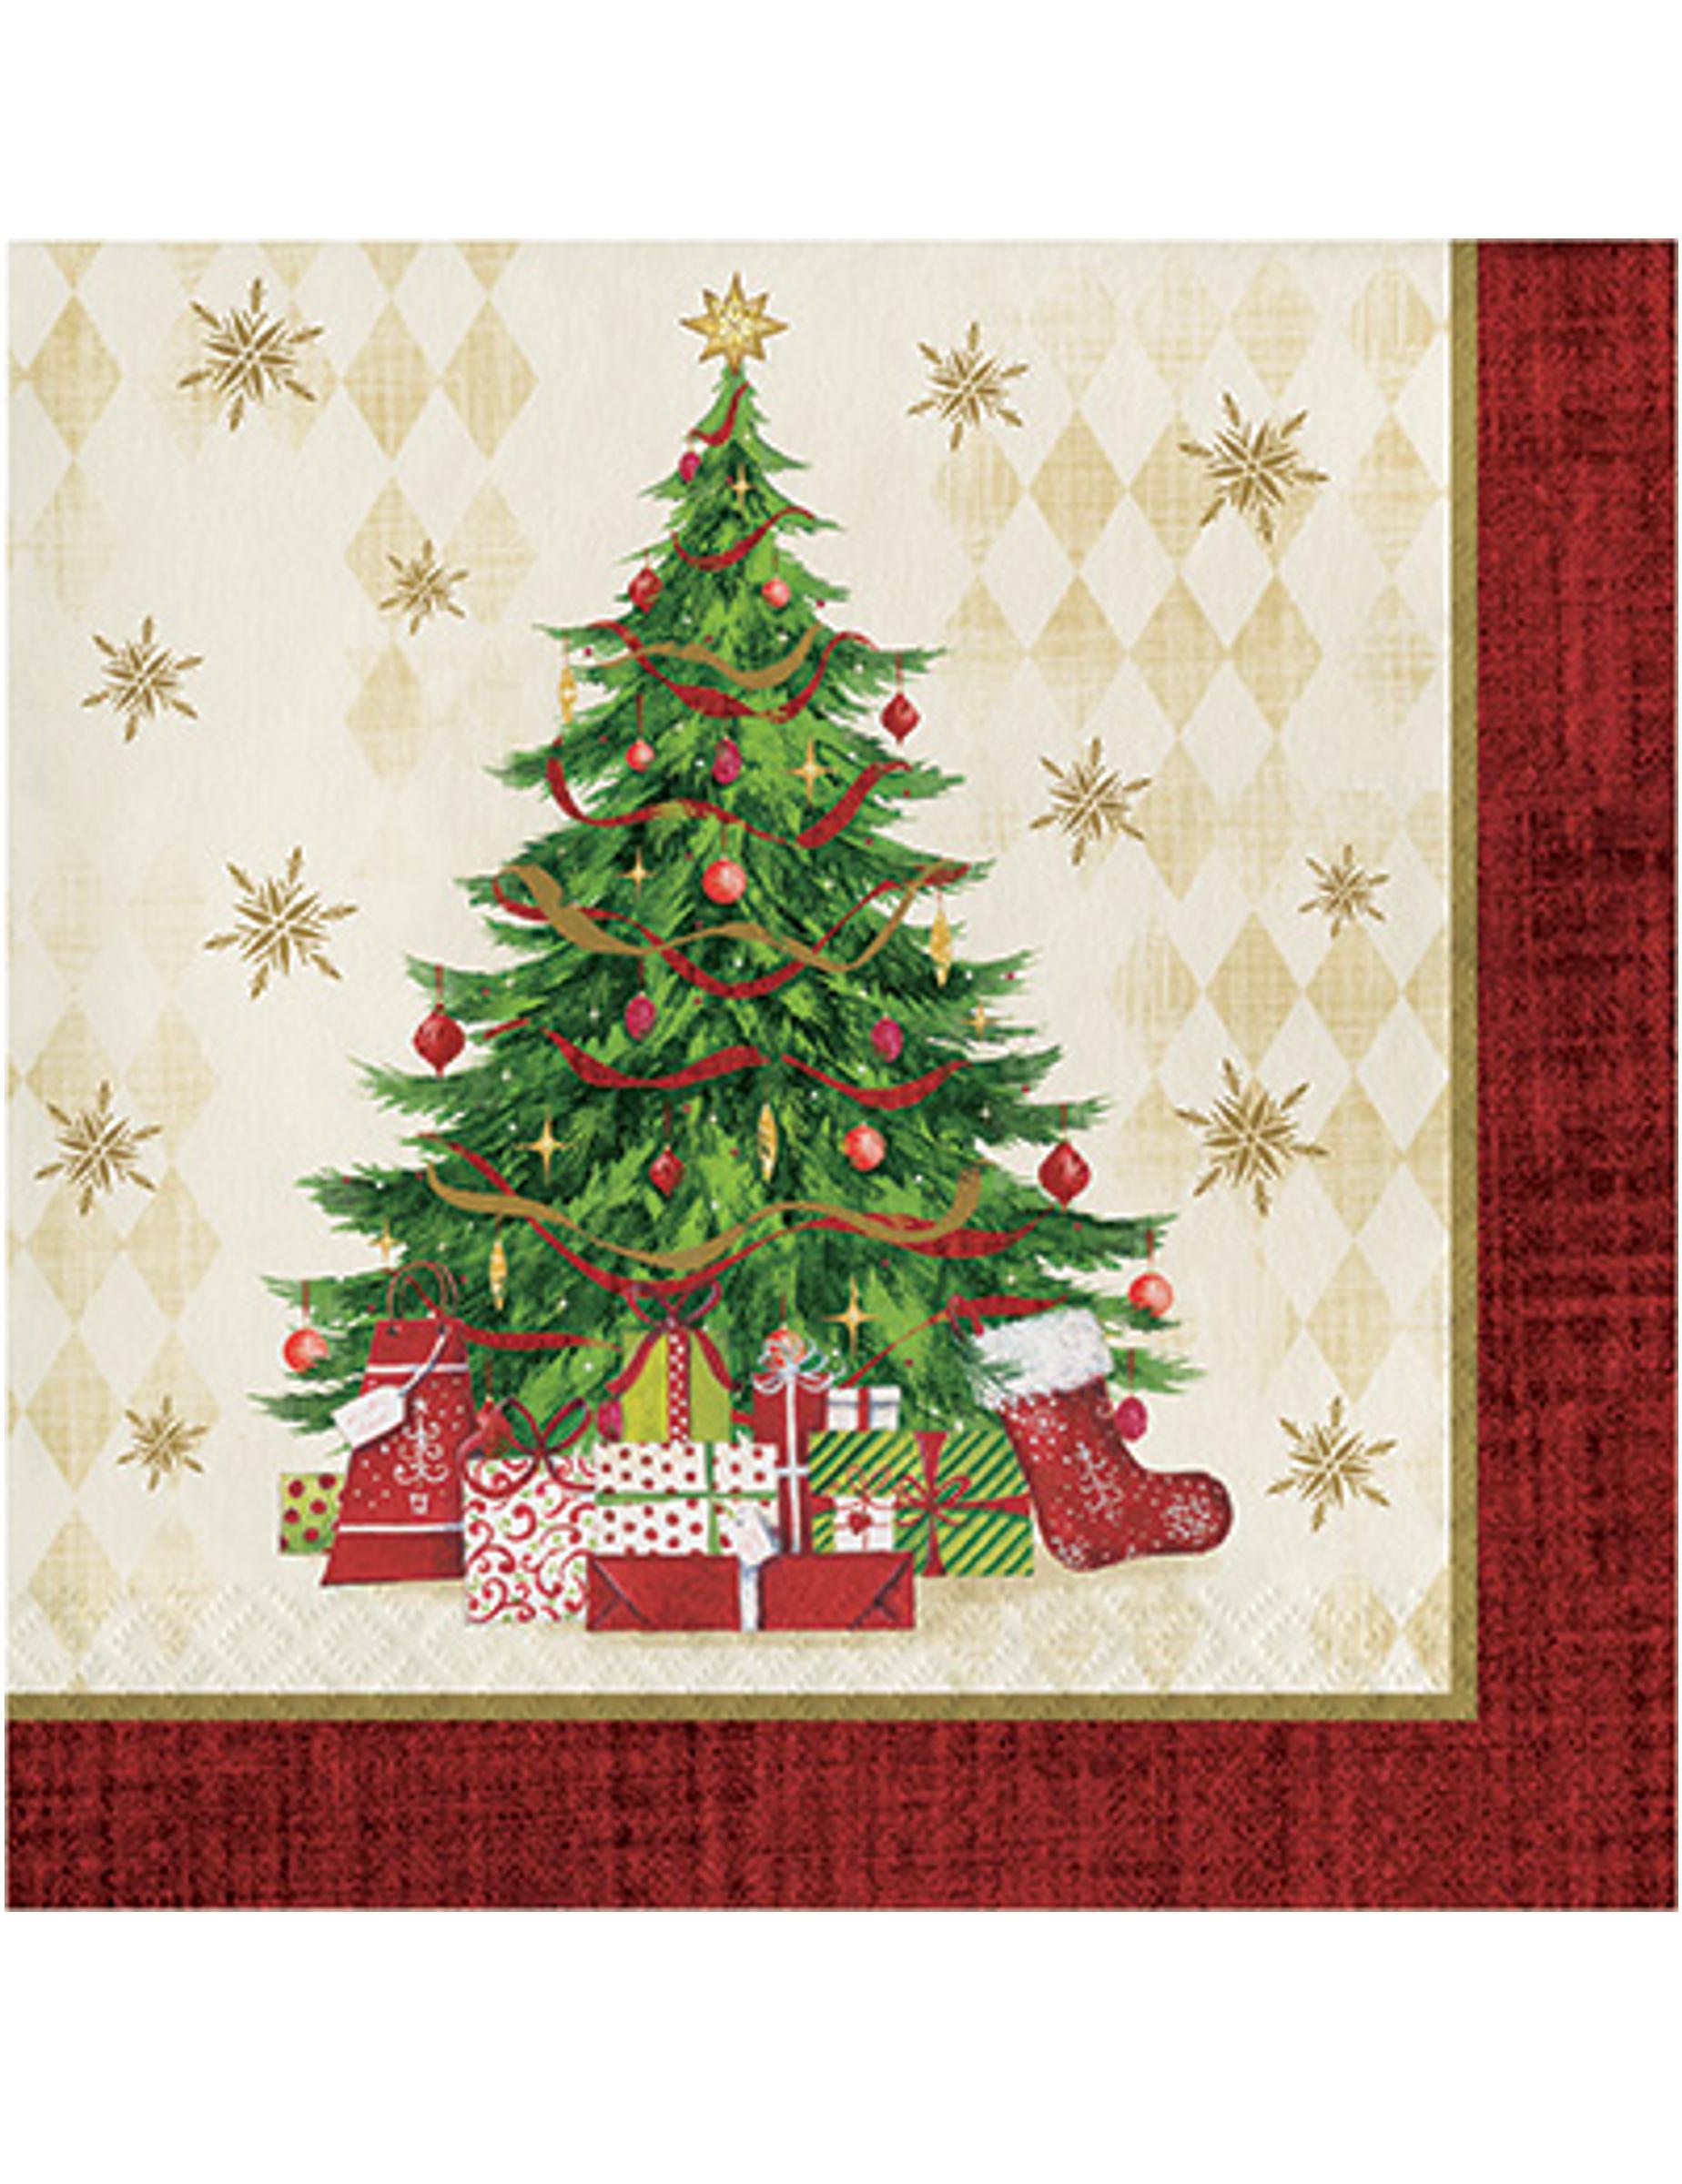 16 Tovaglioli In Carta Con Albero Di Natale Addobbi E Vestiti Di